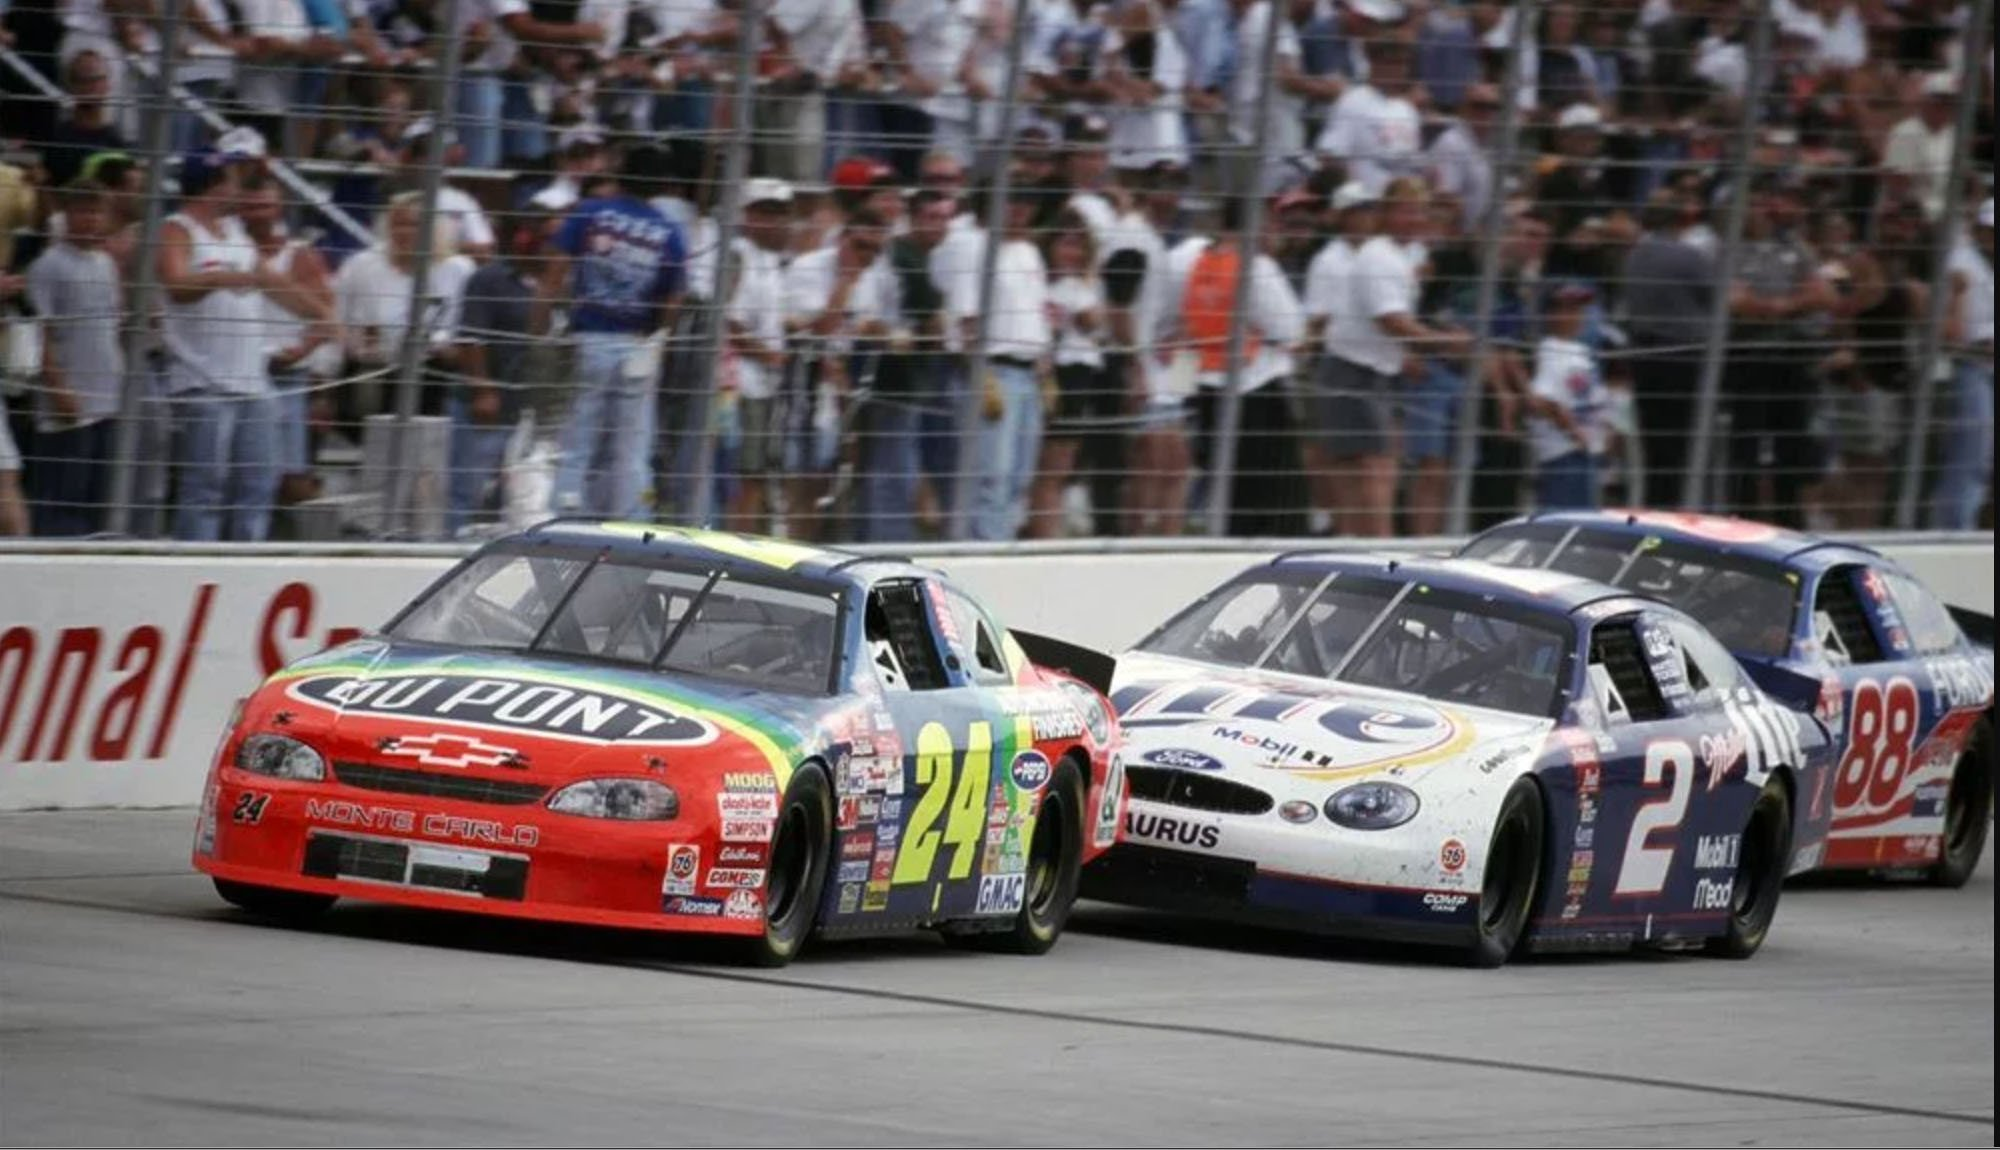 1998 Jeff Gordon, Rusty Wallace, Dale Jarrett